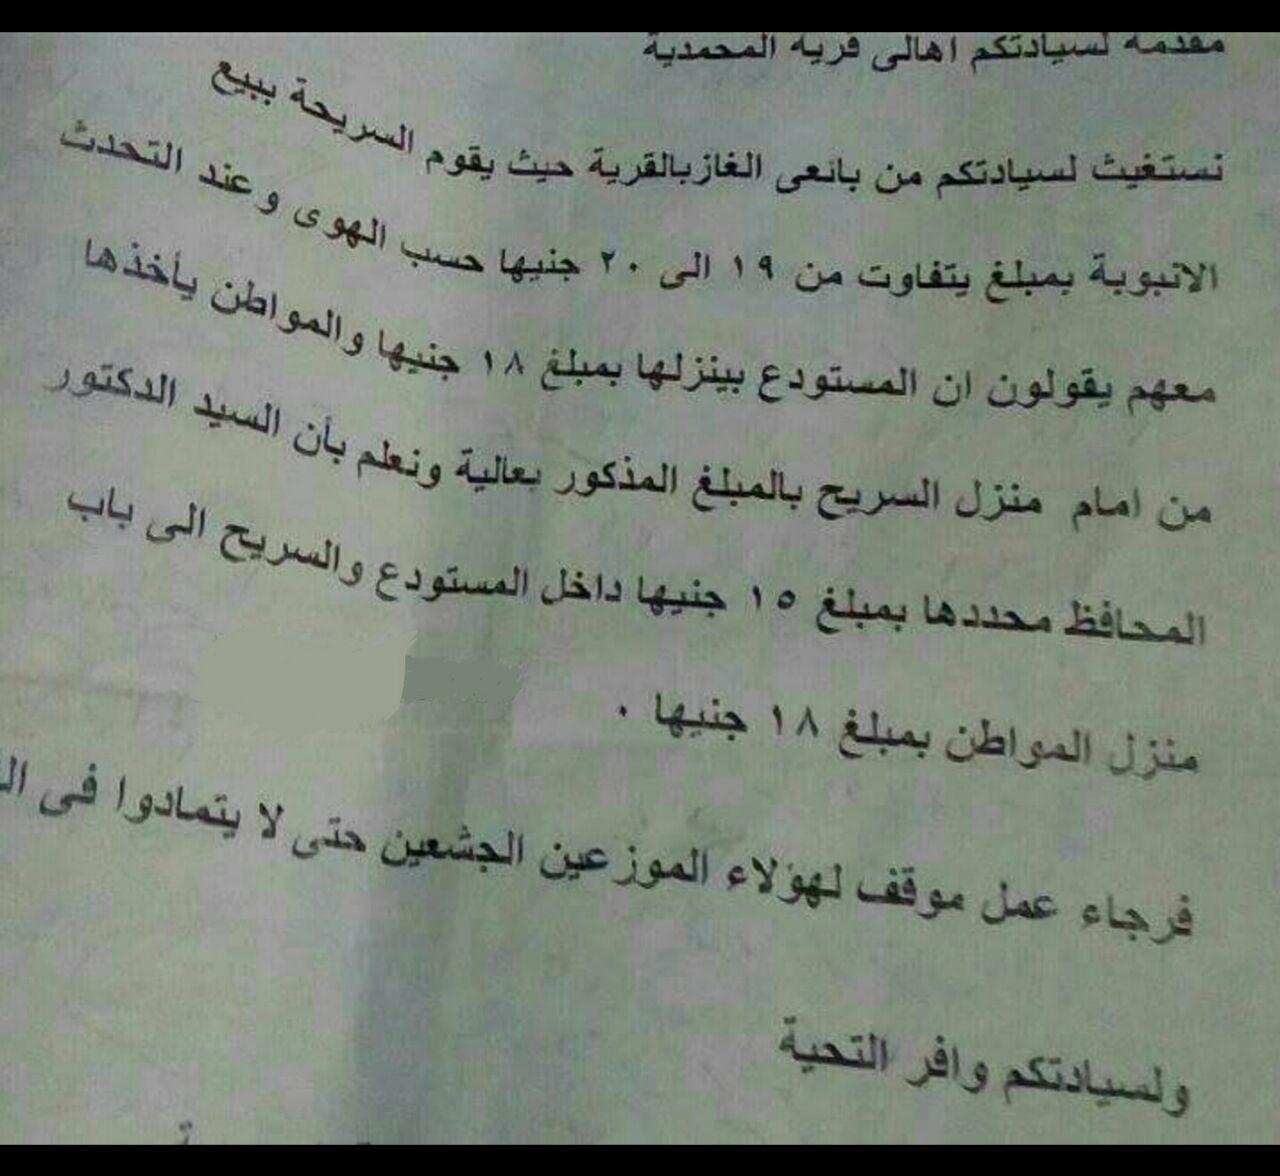 أهالي «المحمدية» بدمياط يطالبون بتعزيز رقابة التموين على أسعار أنابيب البوتاجاز